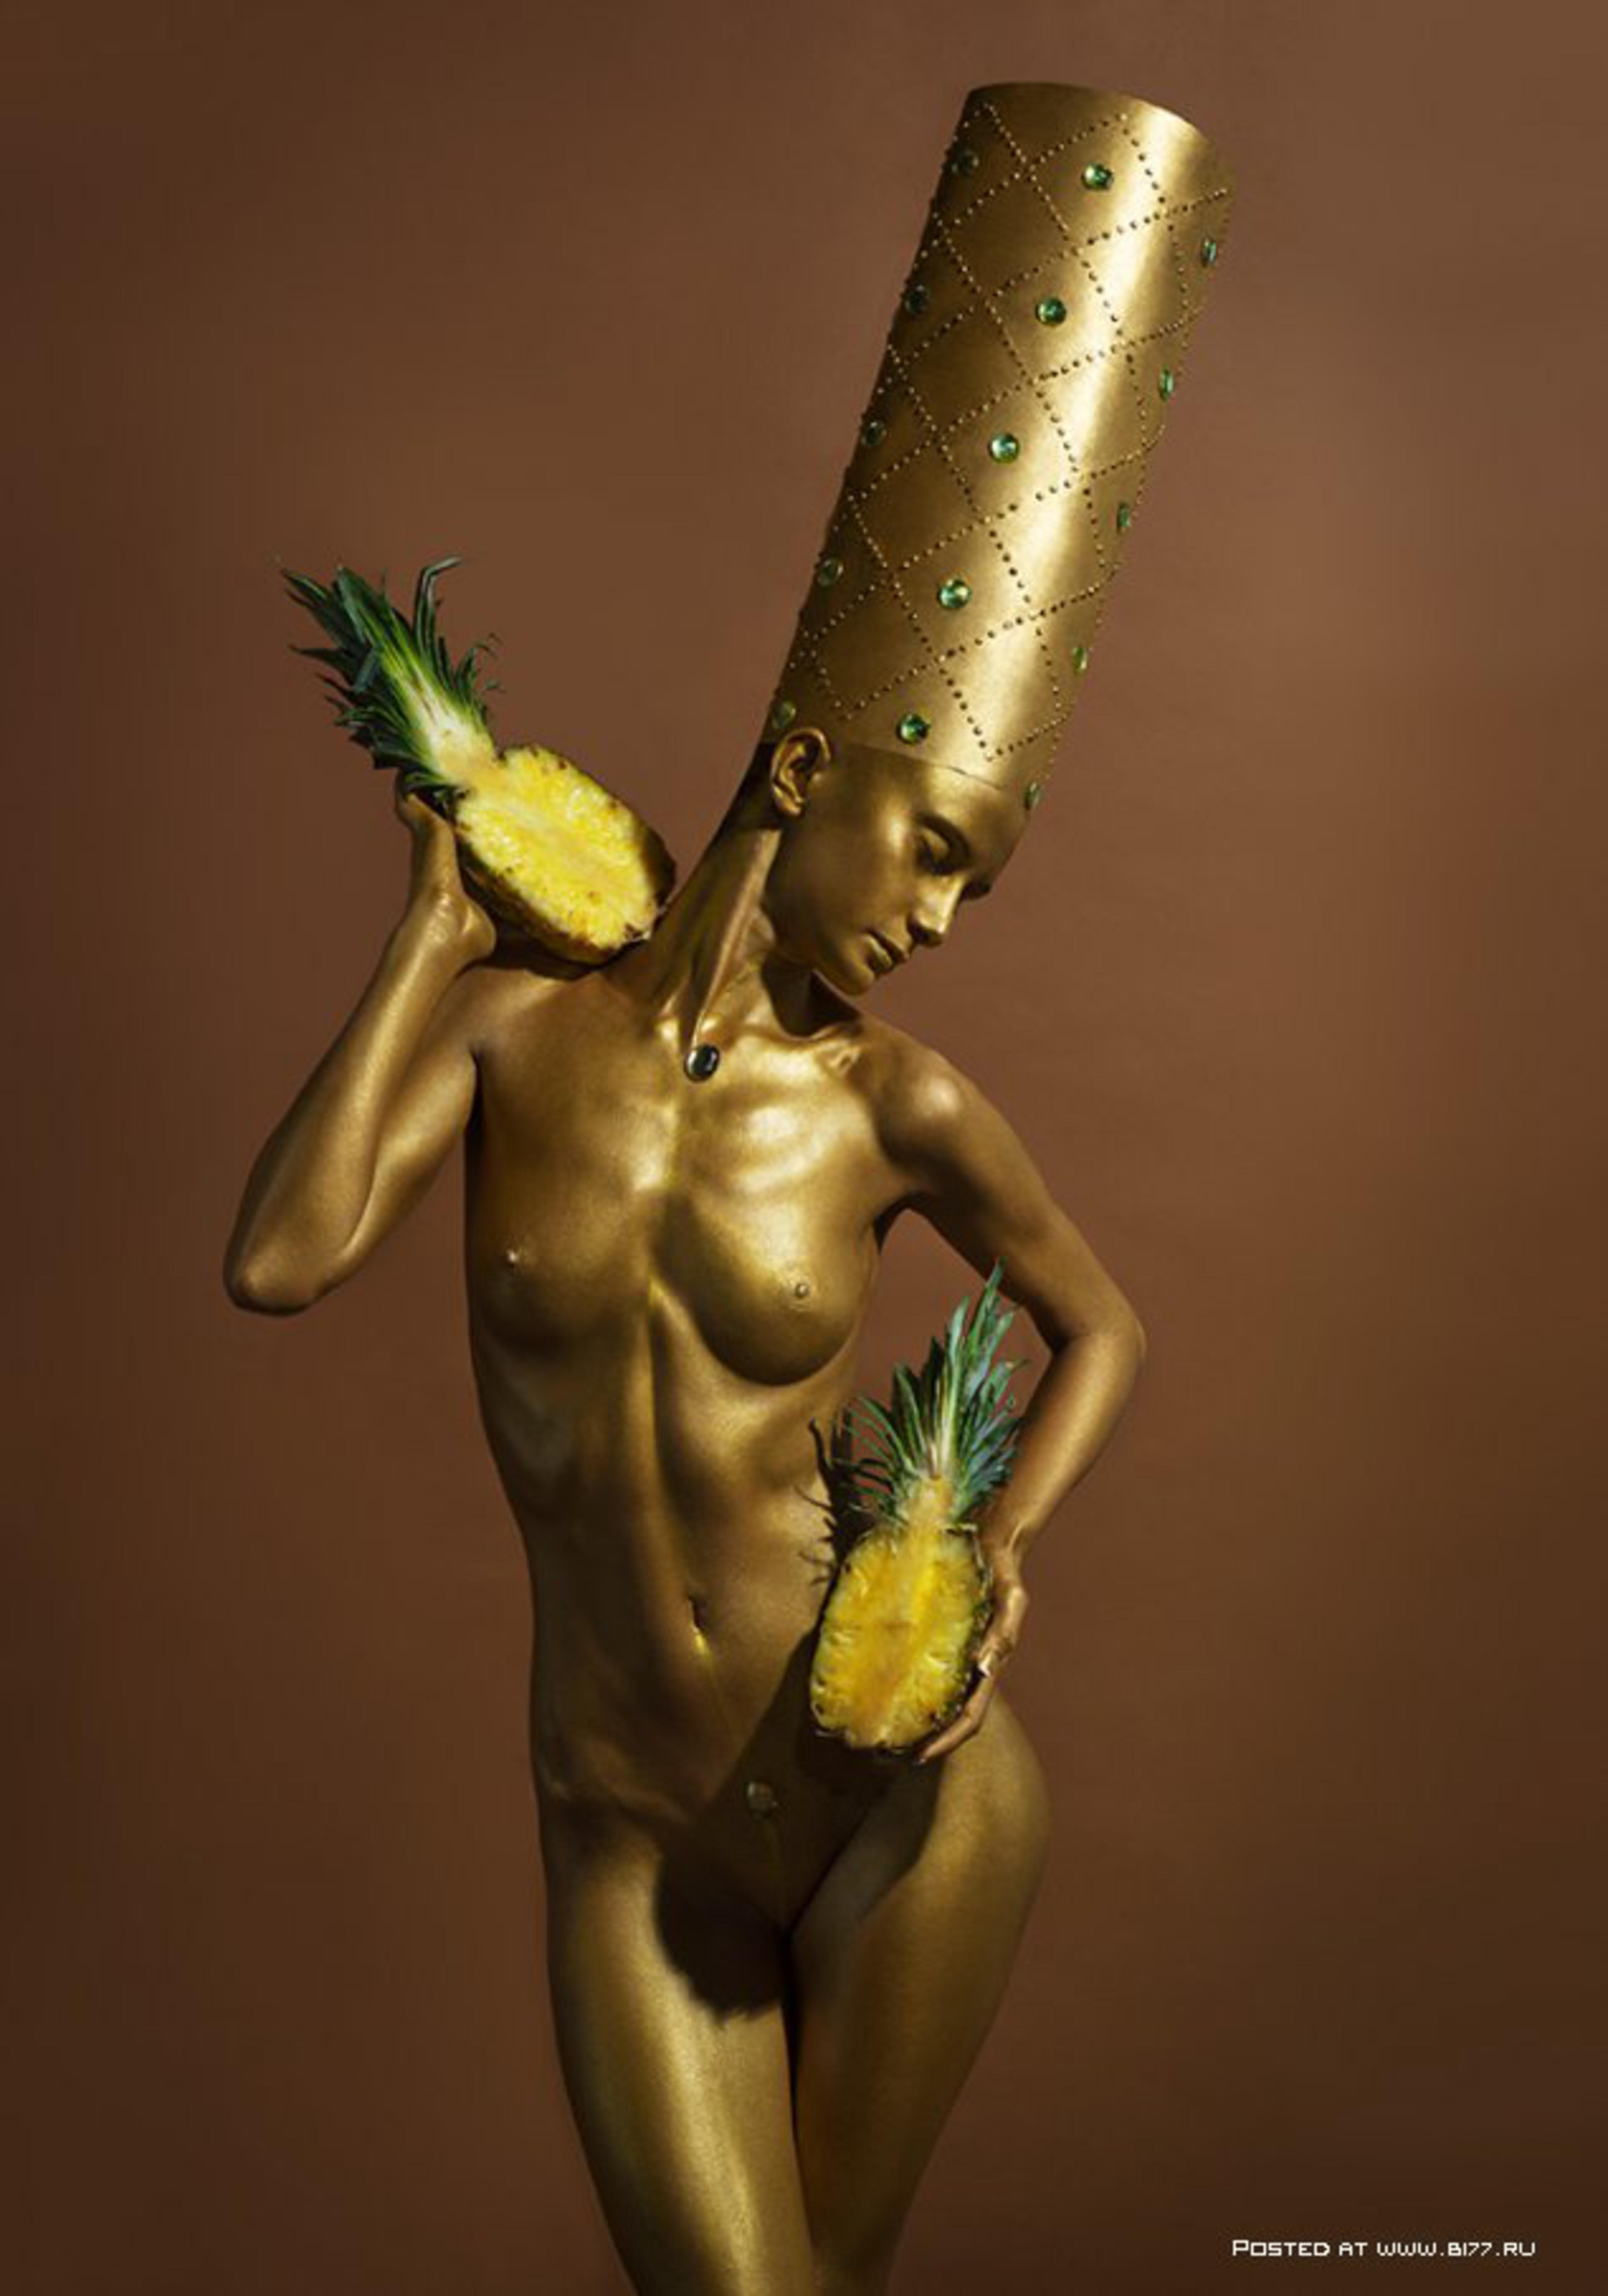 Эротика фрукты овощи смотреть бесплатно 11 фотография